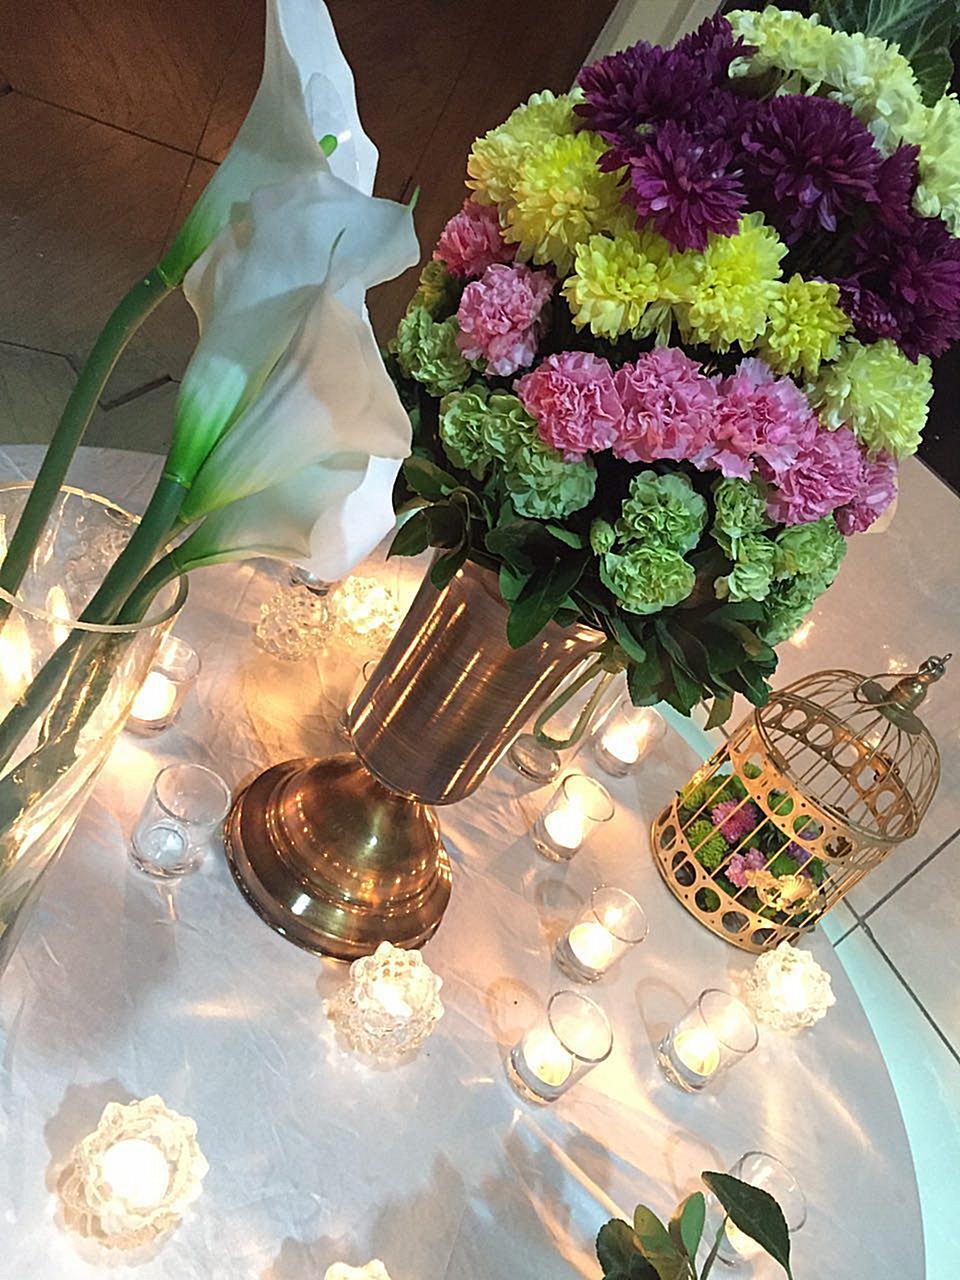 تشریفات و باغ عروسی بهترین تشریفات عروسی بهترین باغ عروسی سالن اجتماعات